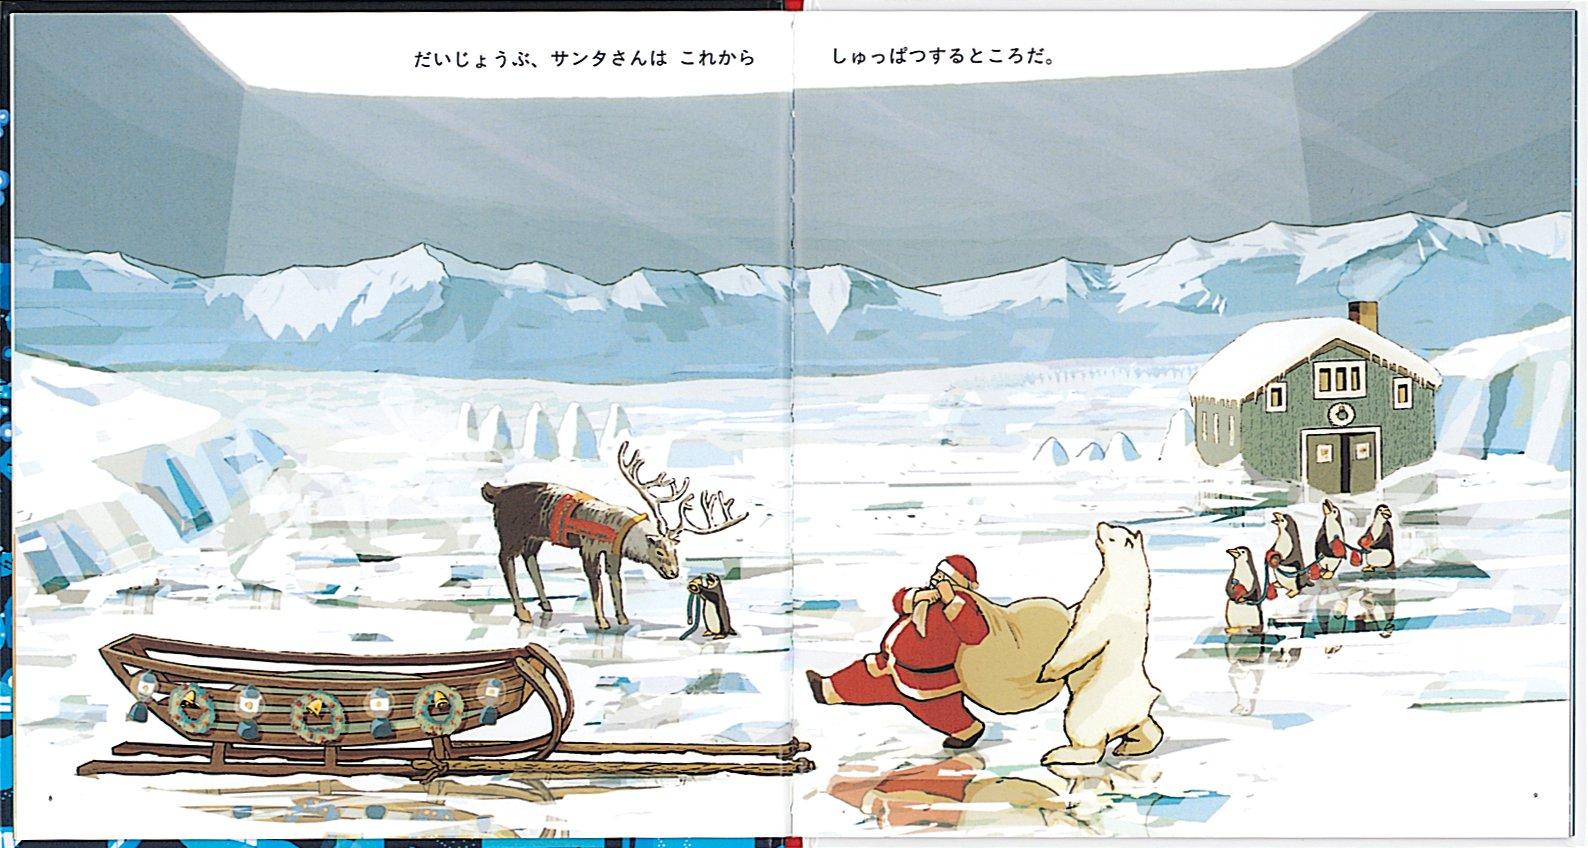 『クリスマスのふしぎなはこ』3歳児におすすめクリスマス絵本